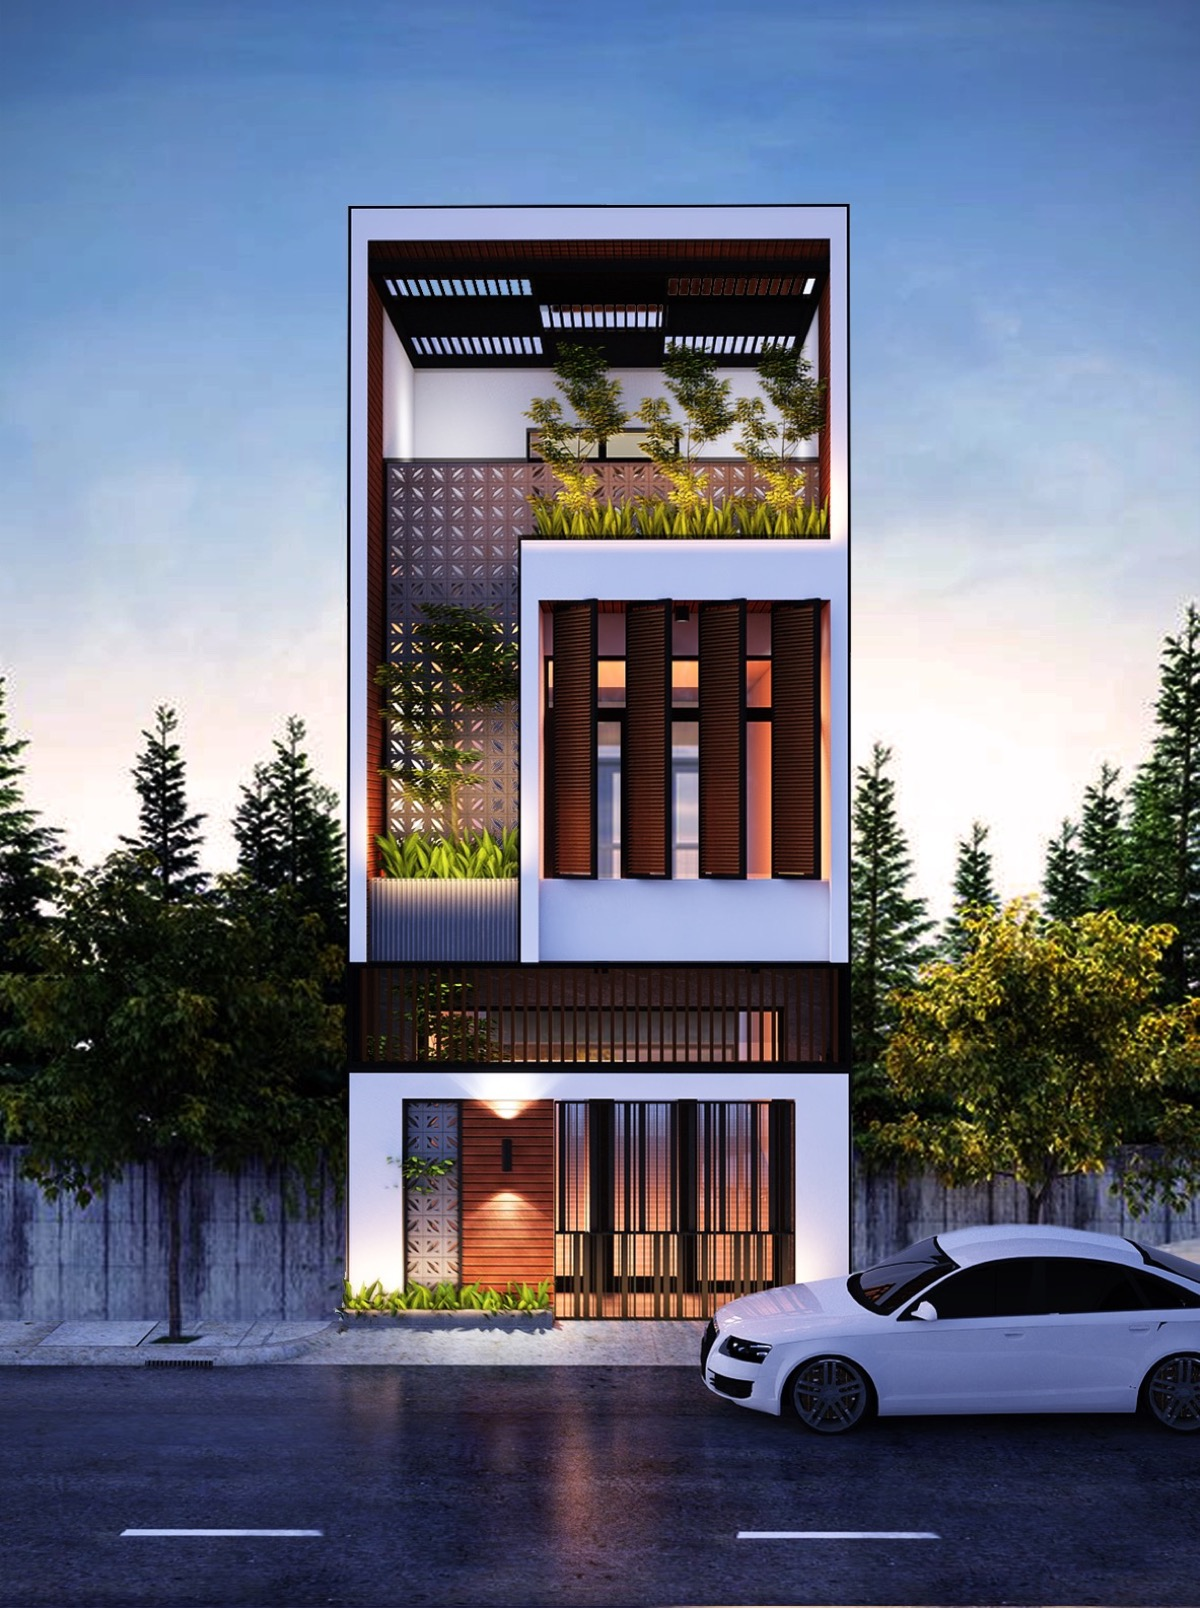 thiết kế mẫu nhà phố 3 tầng hiện đại gần gũi với thiên nhiên 8